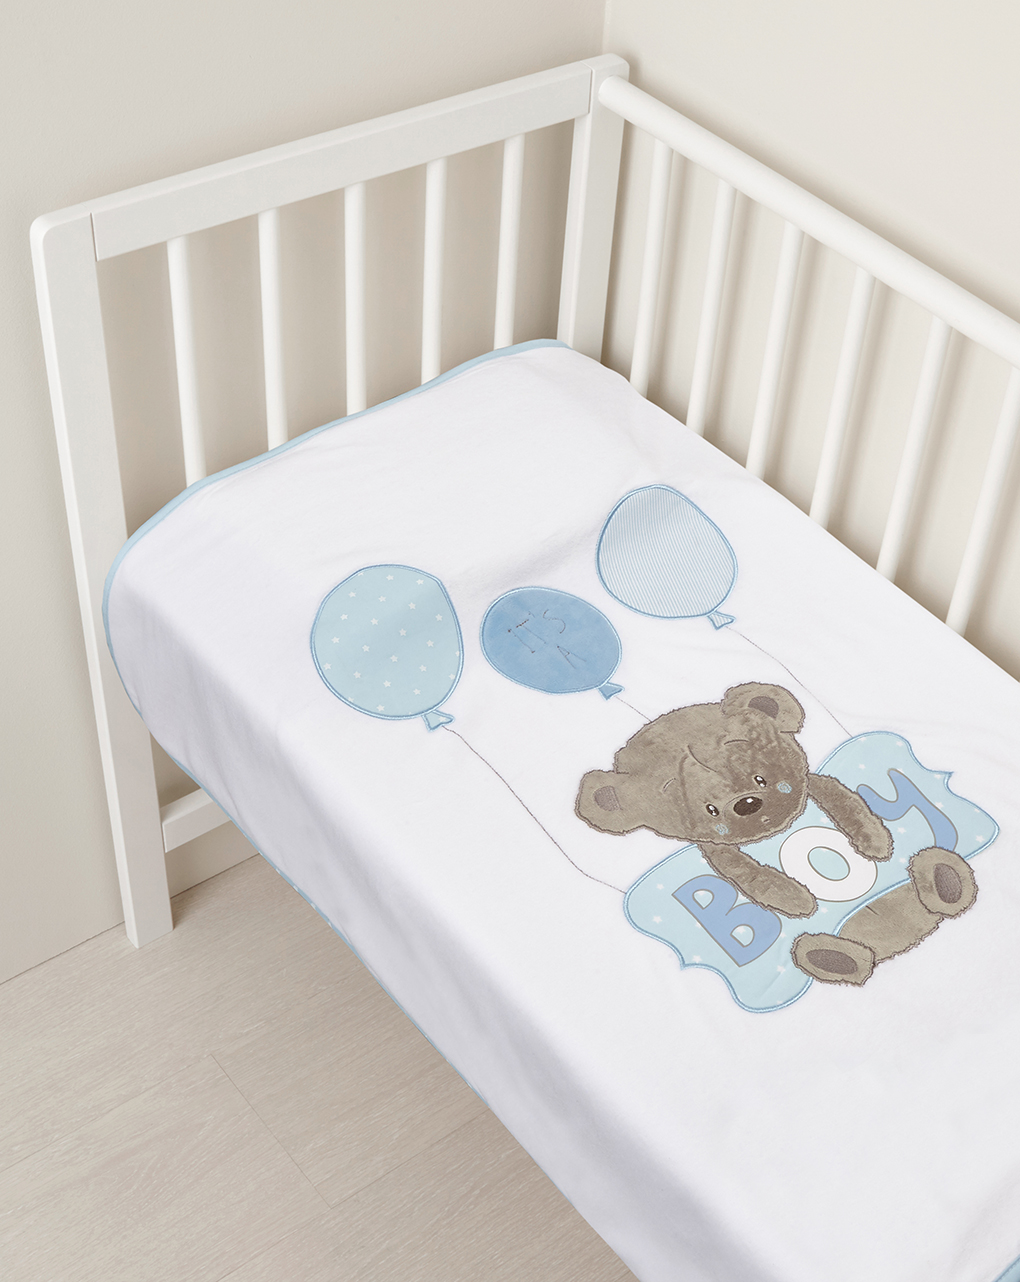 Culla/carrozzina - coperta in ciniglia con orsetto e cuscino azzurro con scritta boy - Prénatal